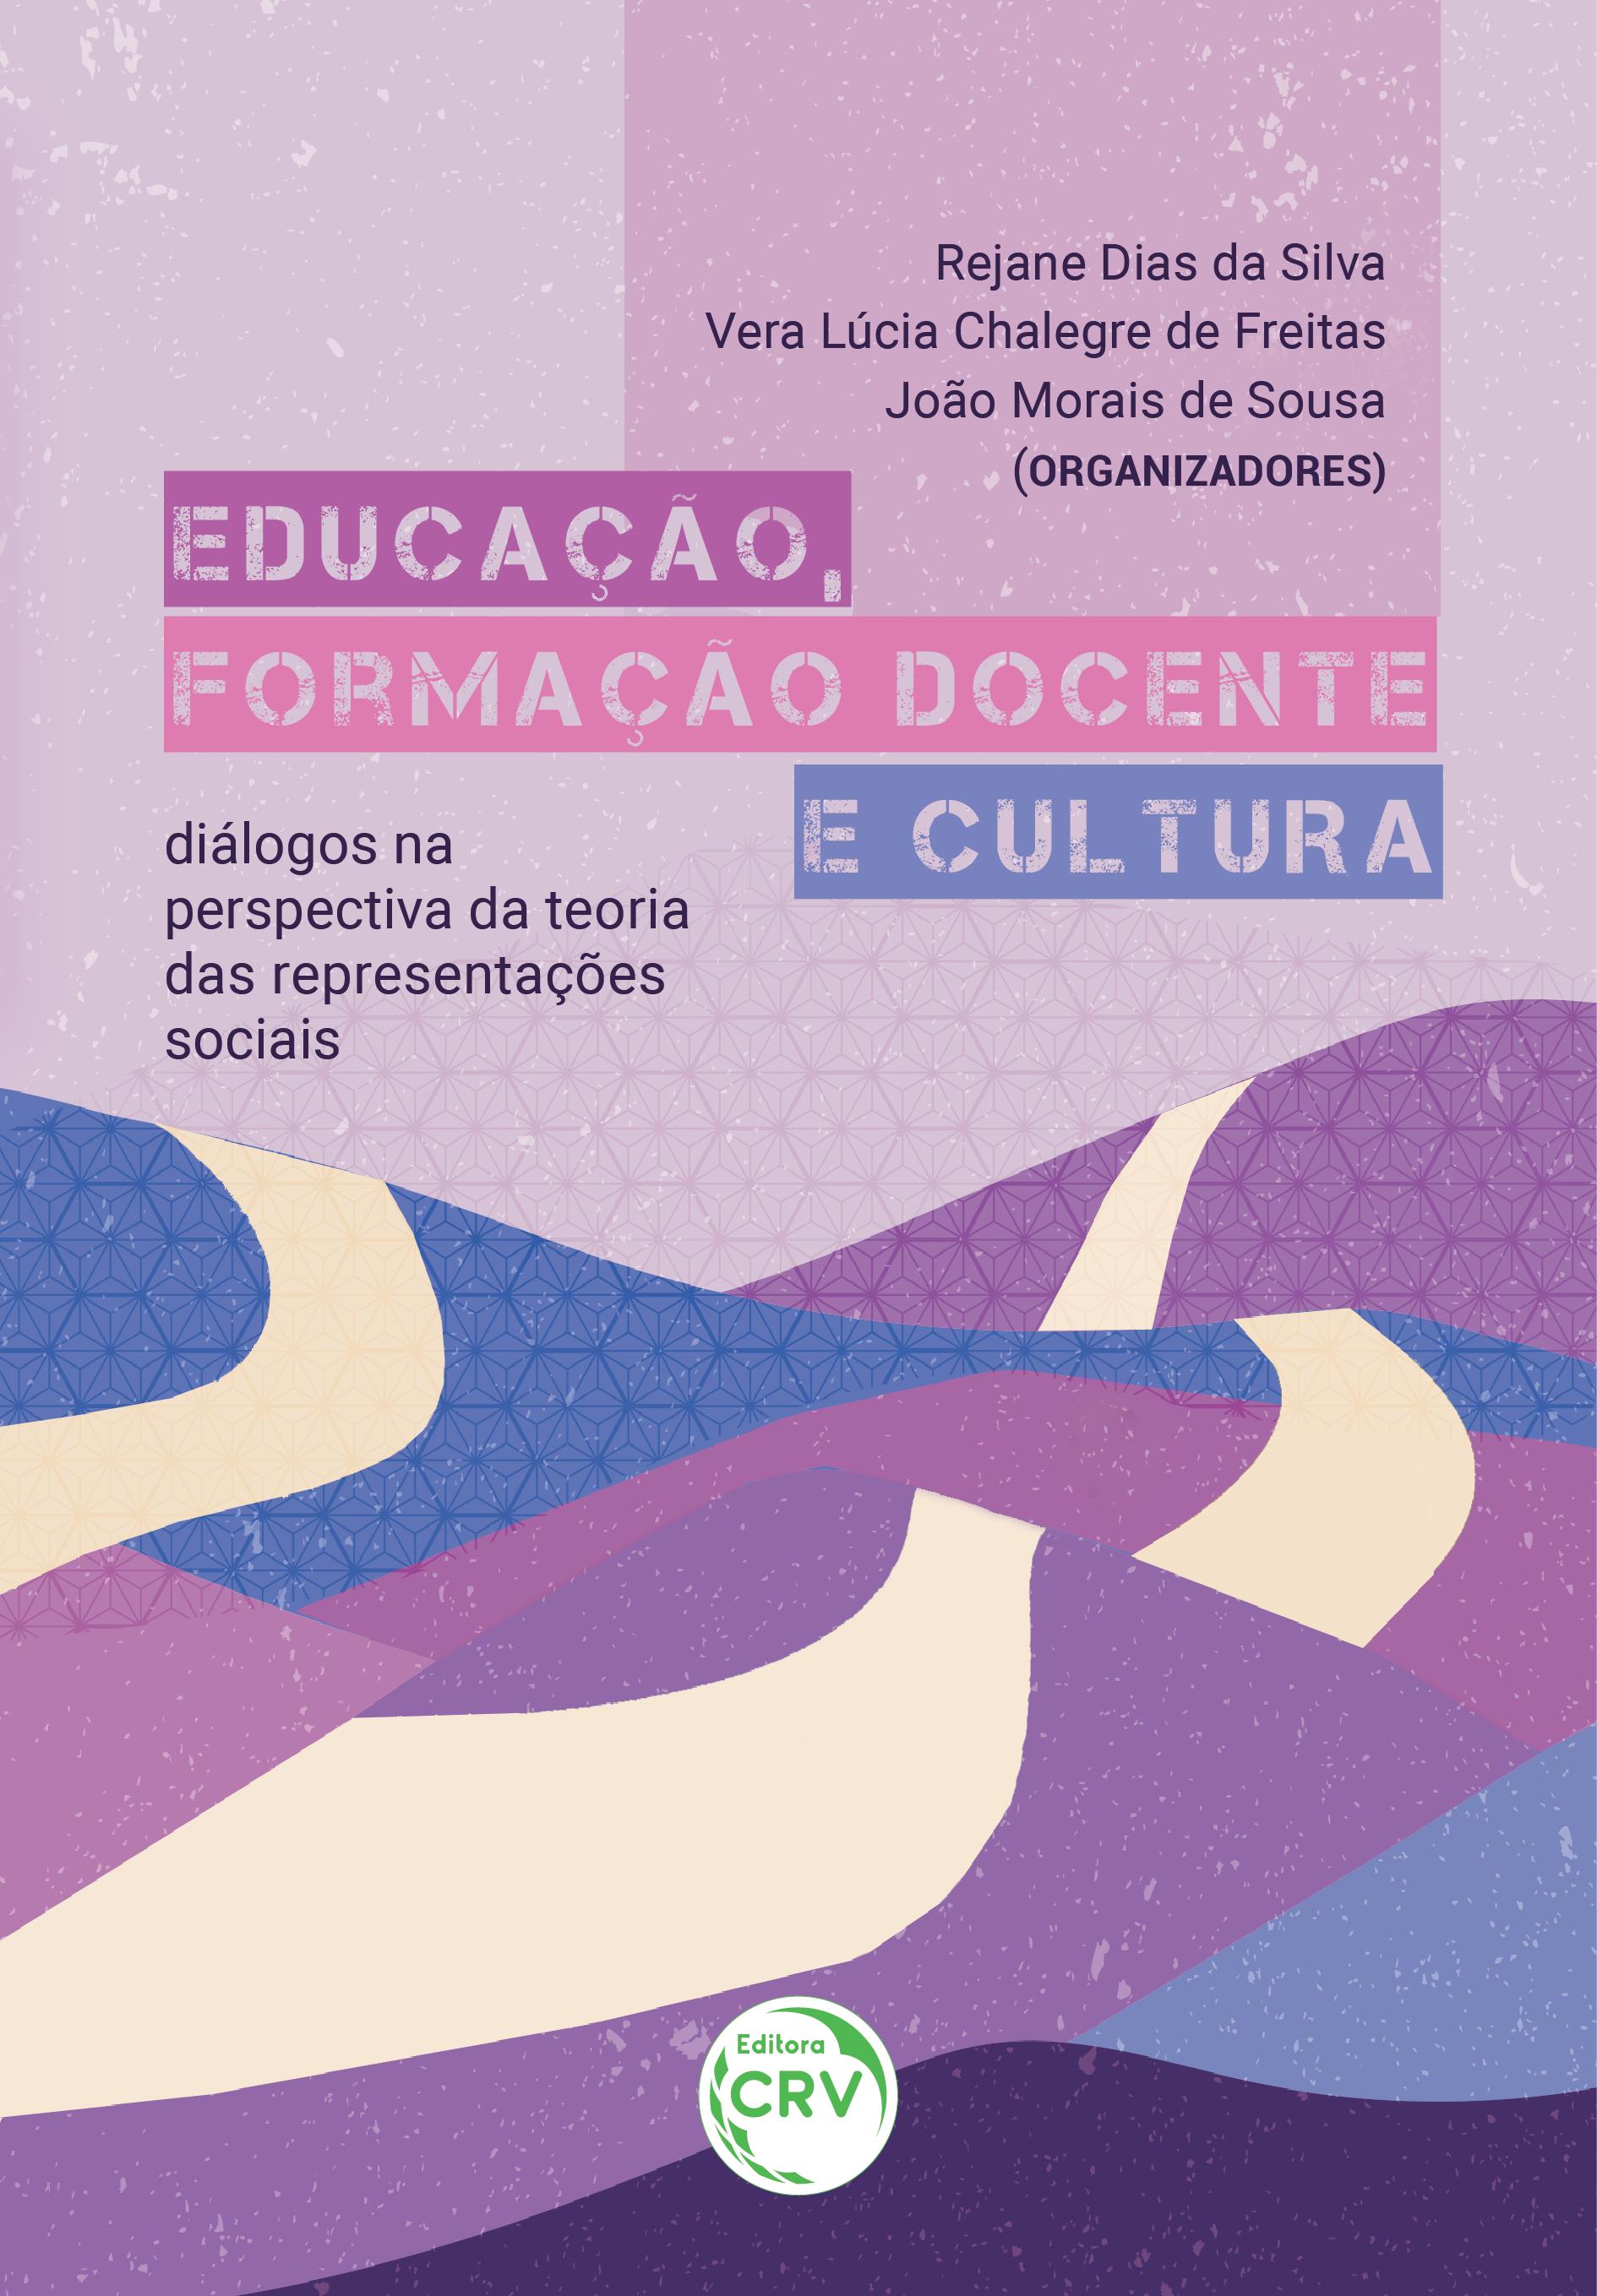 Capa do livro: EDUCAÇÃO, FORMAÇÃO DOCENTE E CULTURA: <br>diálogos na perspectiva da teoria das representações sociais